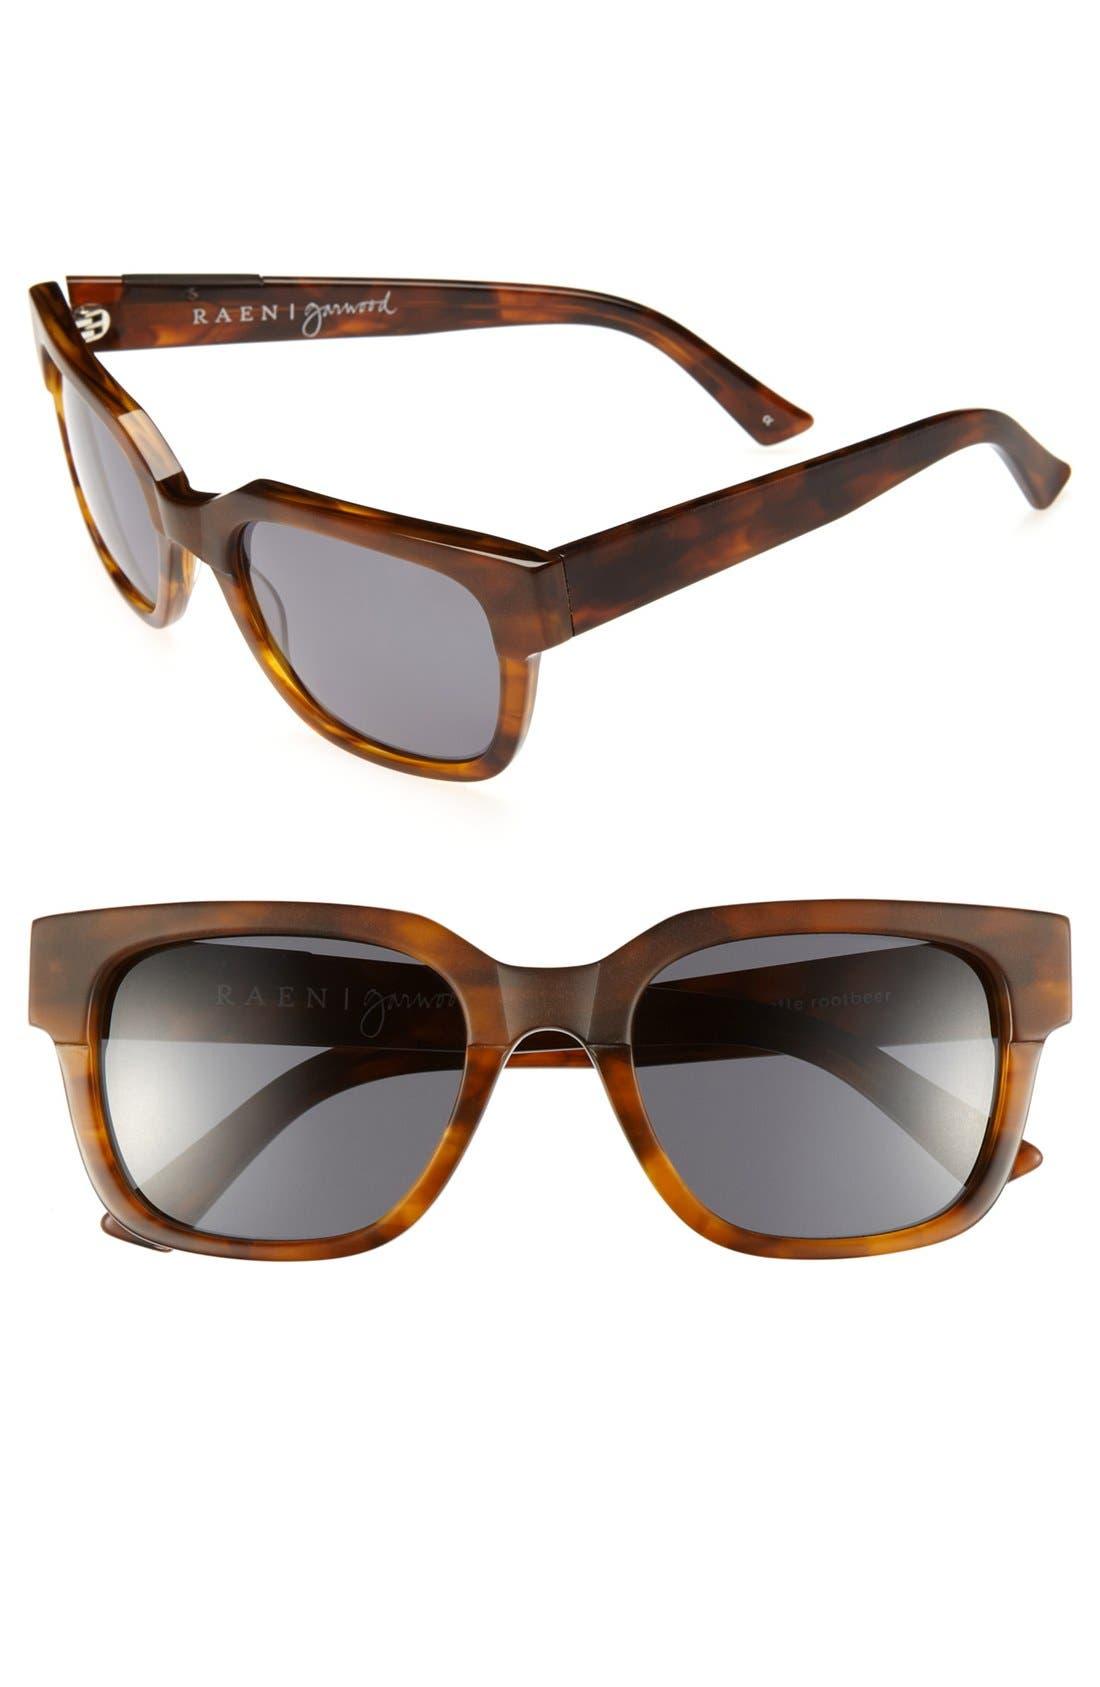 Main Image - RAEN 'Garwood' 54mm Polarized Sunglasses